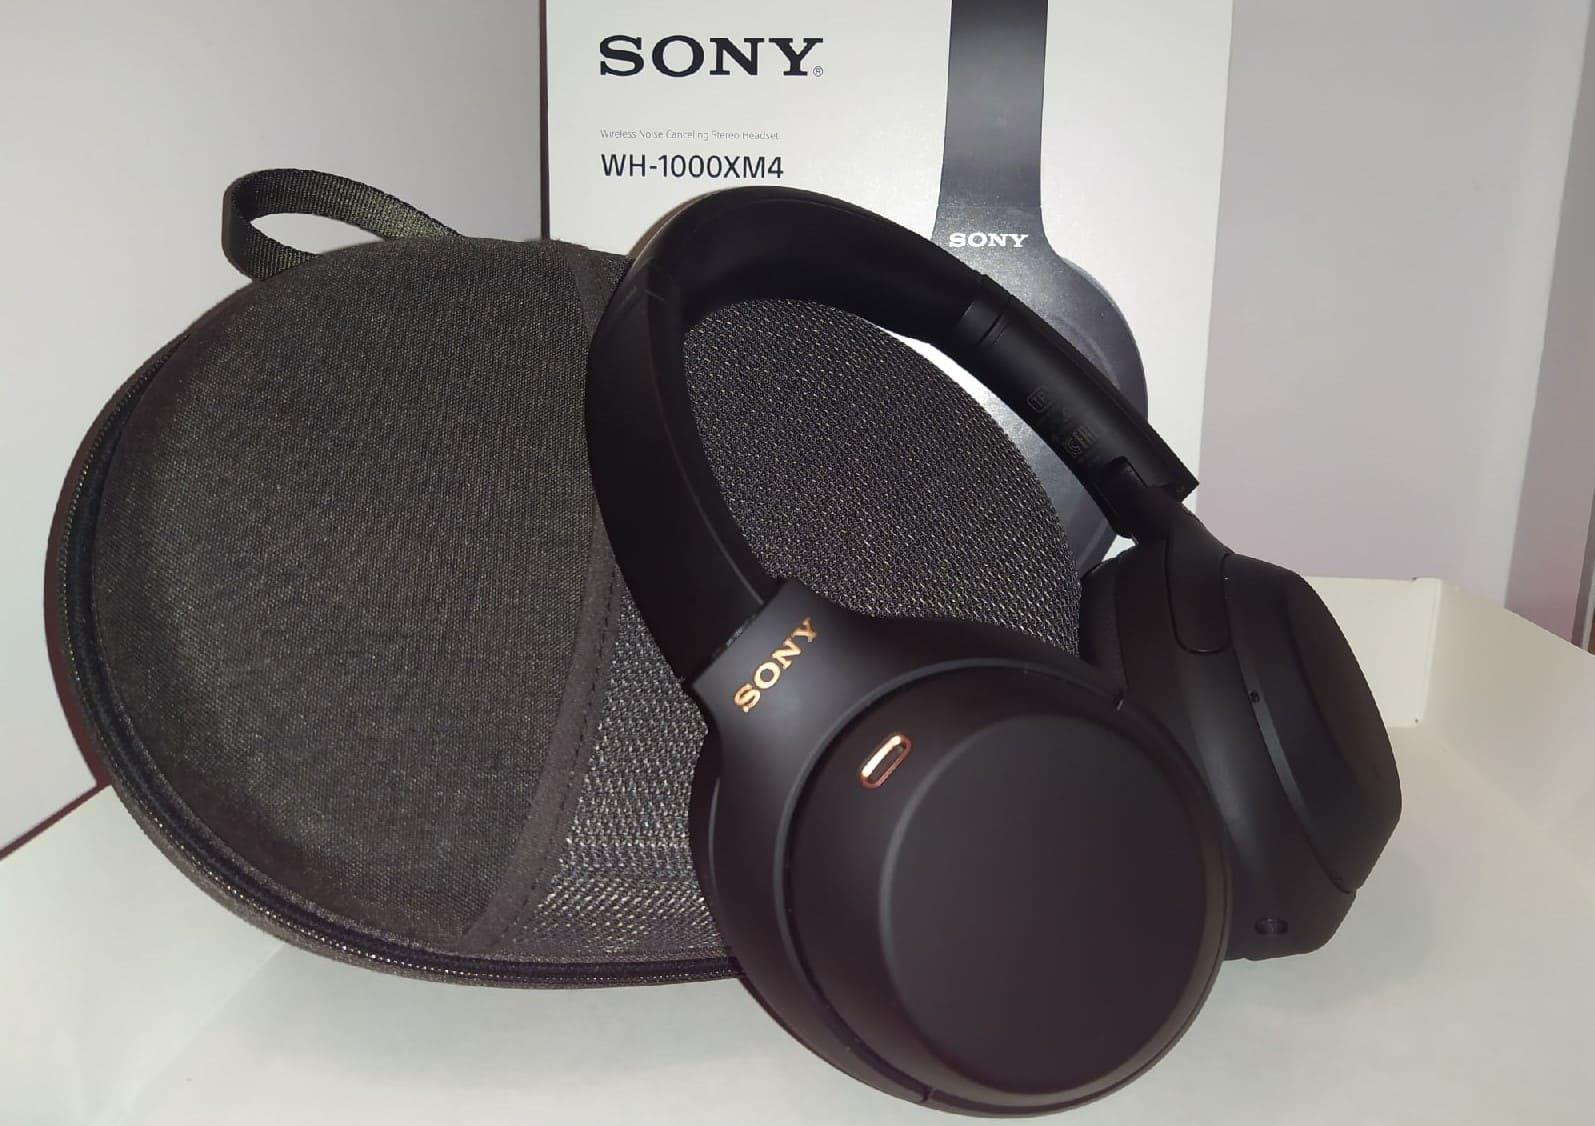 Обзор Sony WH-1000XM4: беспроводные наушники WH-1000XM4 с лучшим шумоподавлением - обзоры от Earphones-Review🎧